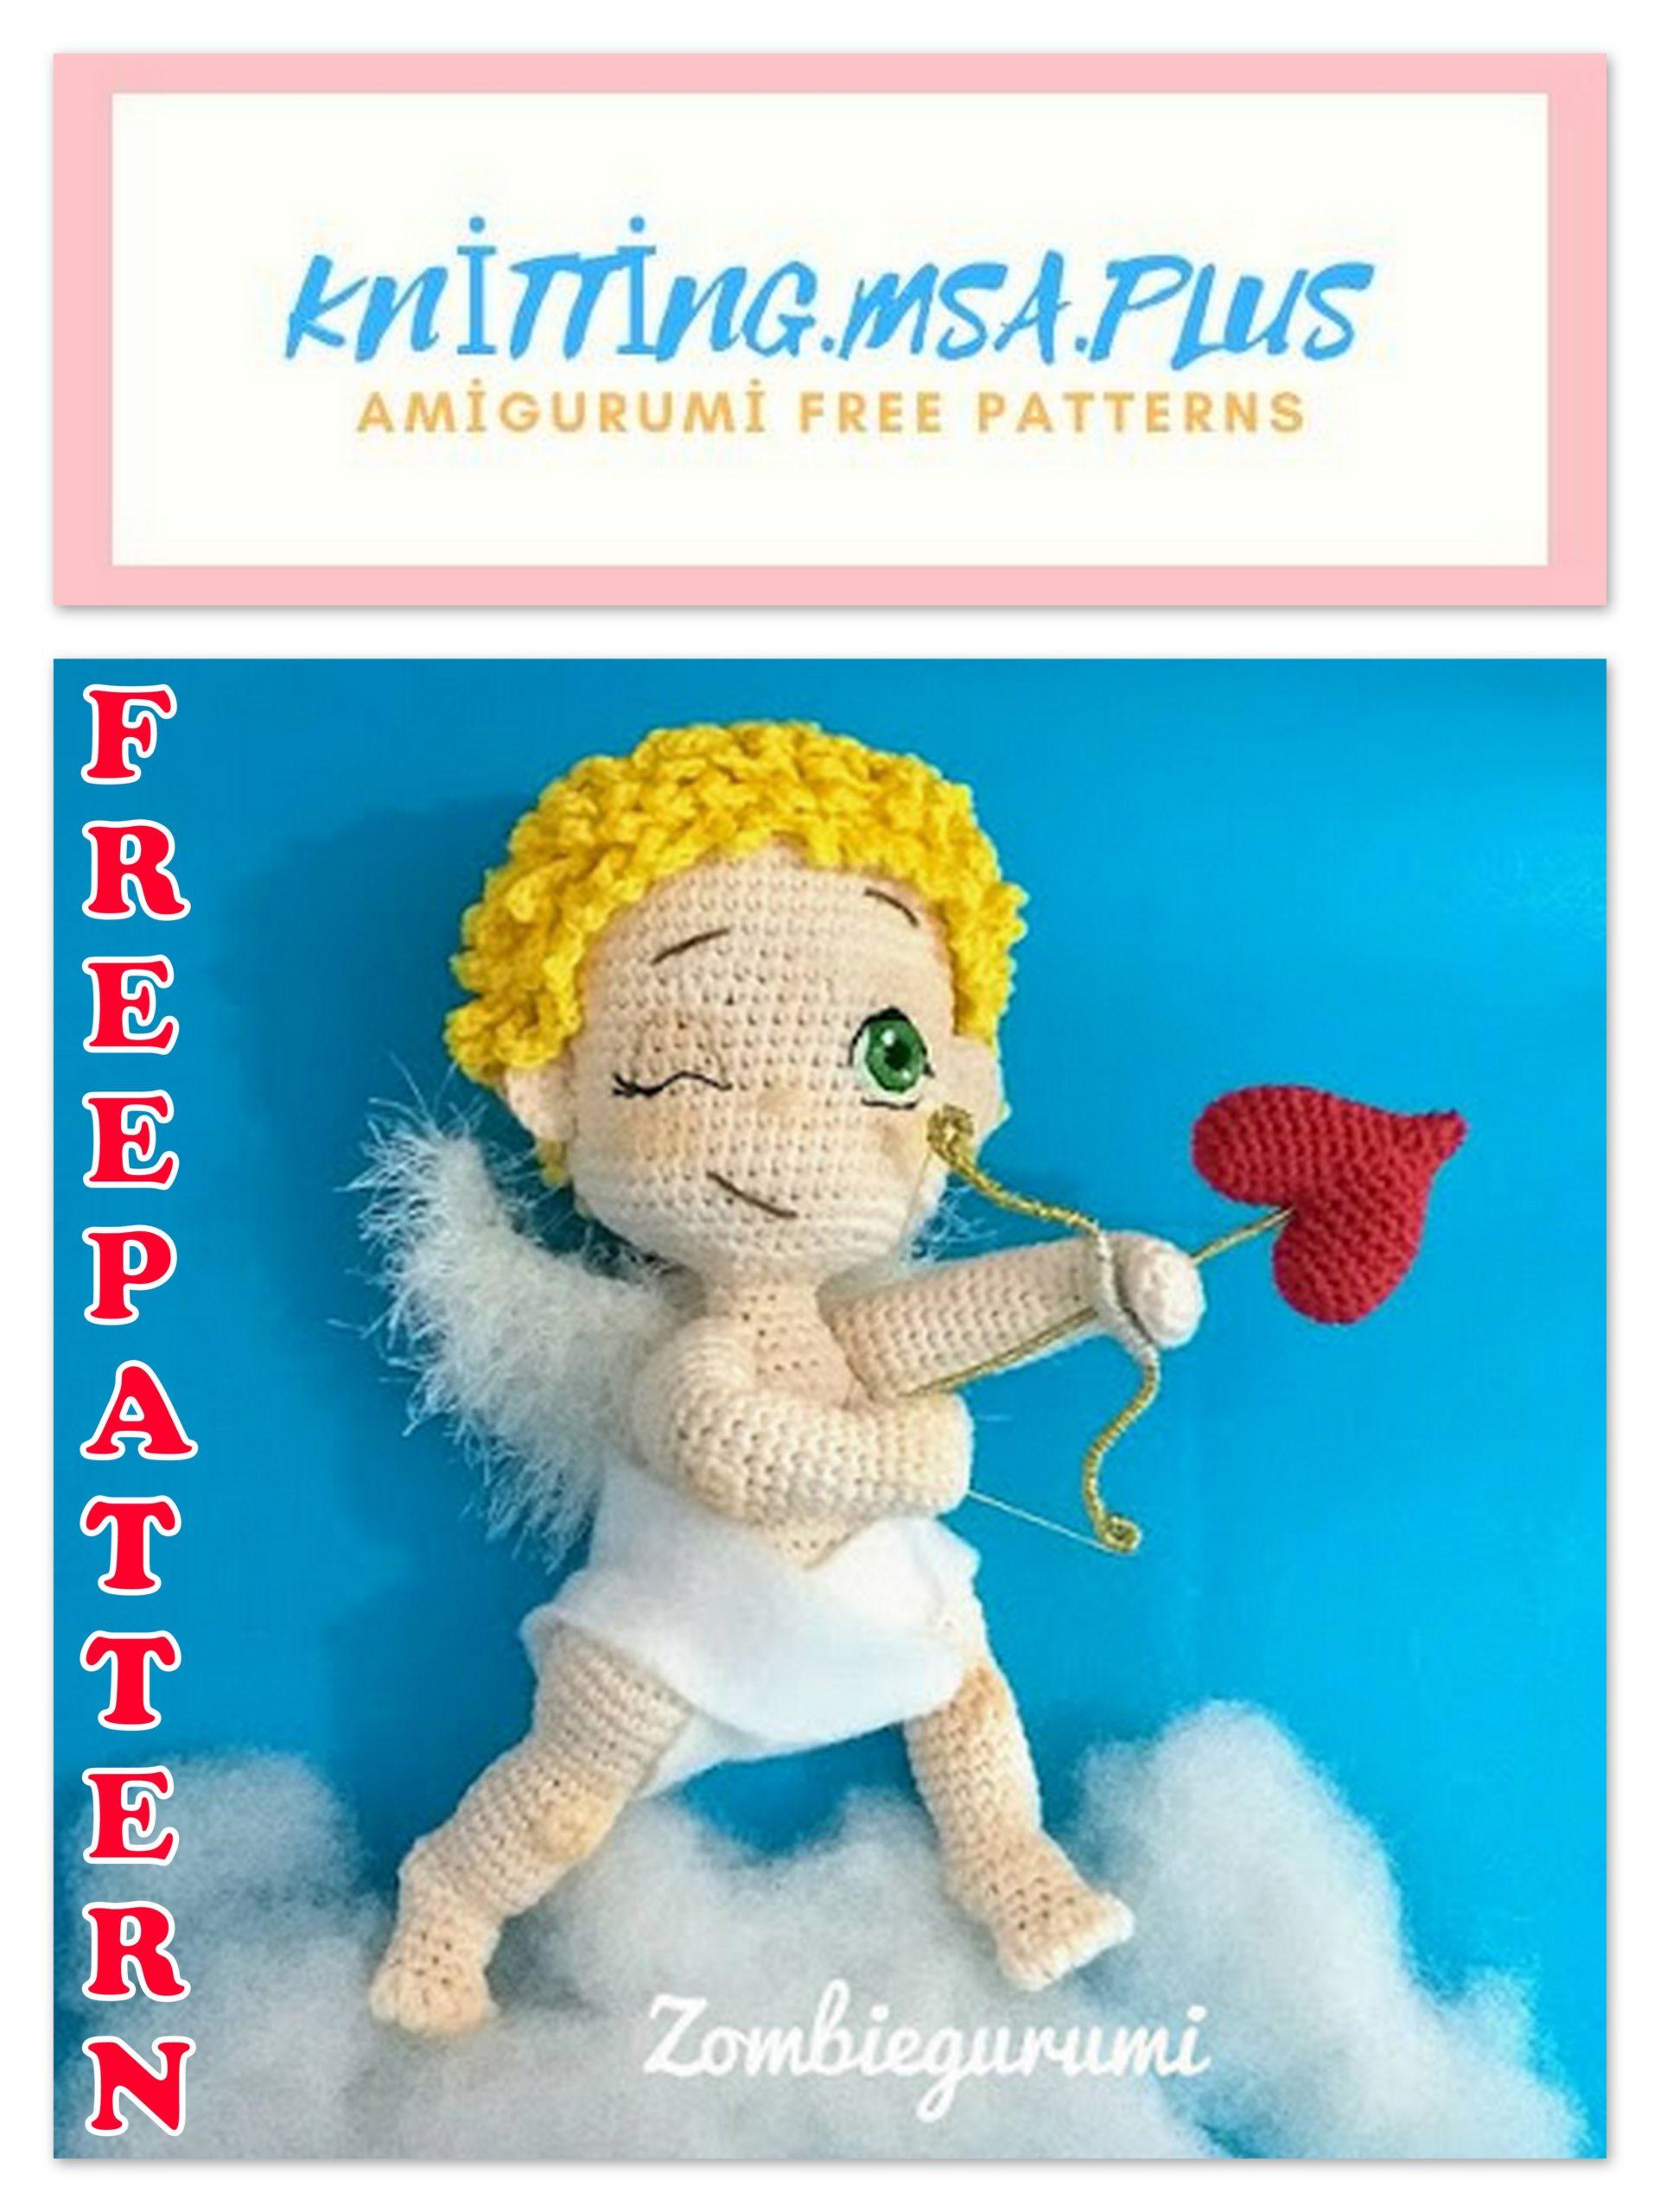 Crochet Angel 10 Free Crochet Pattern Link List - Crochet For You | 2560x1921